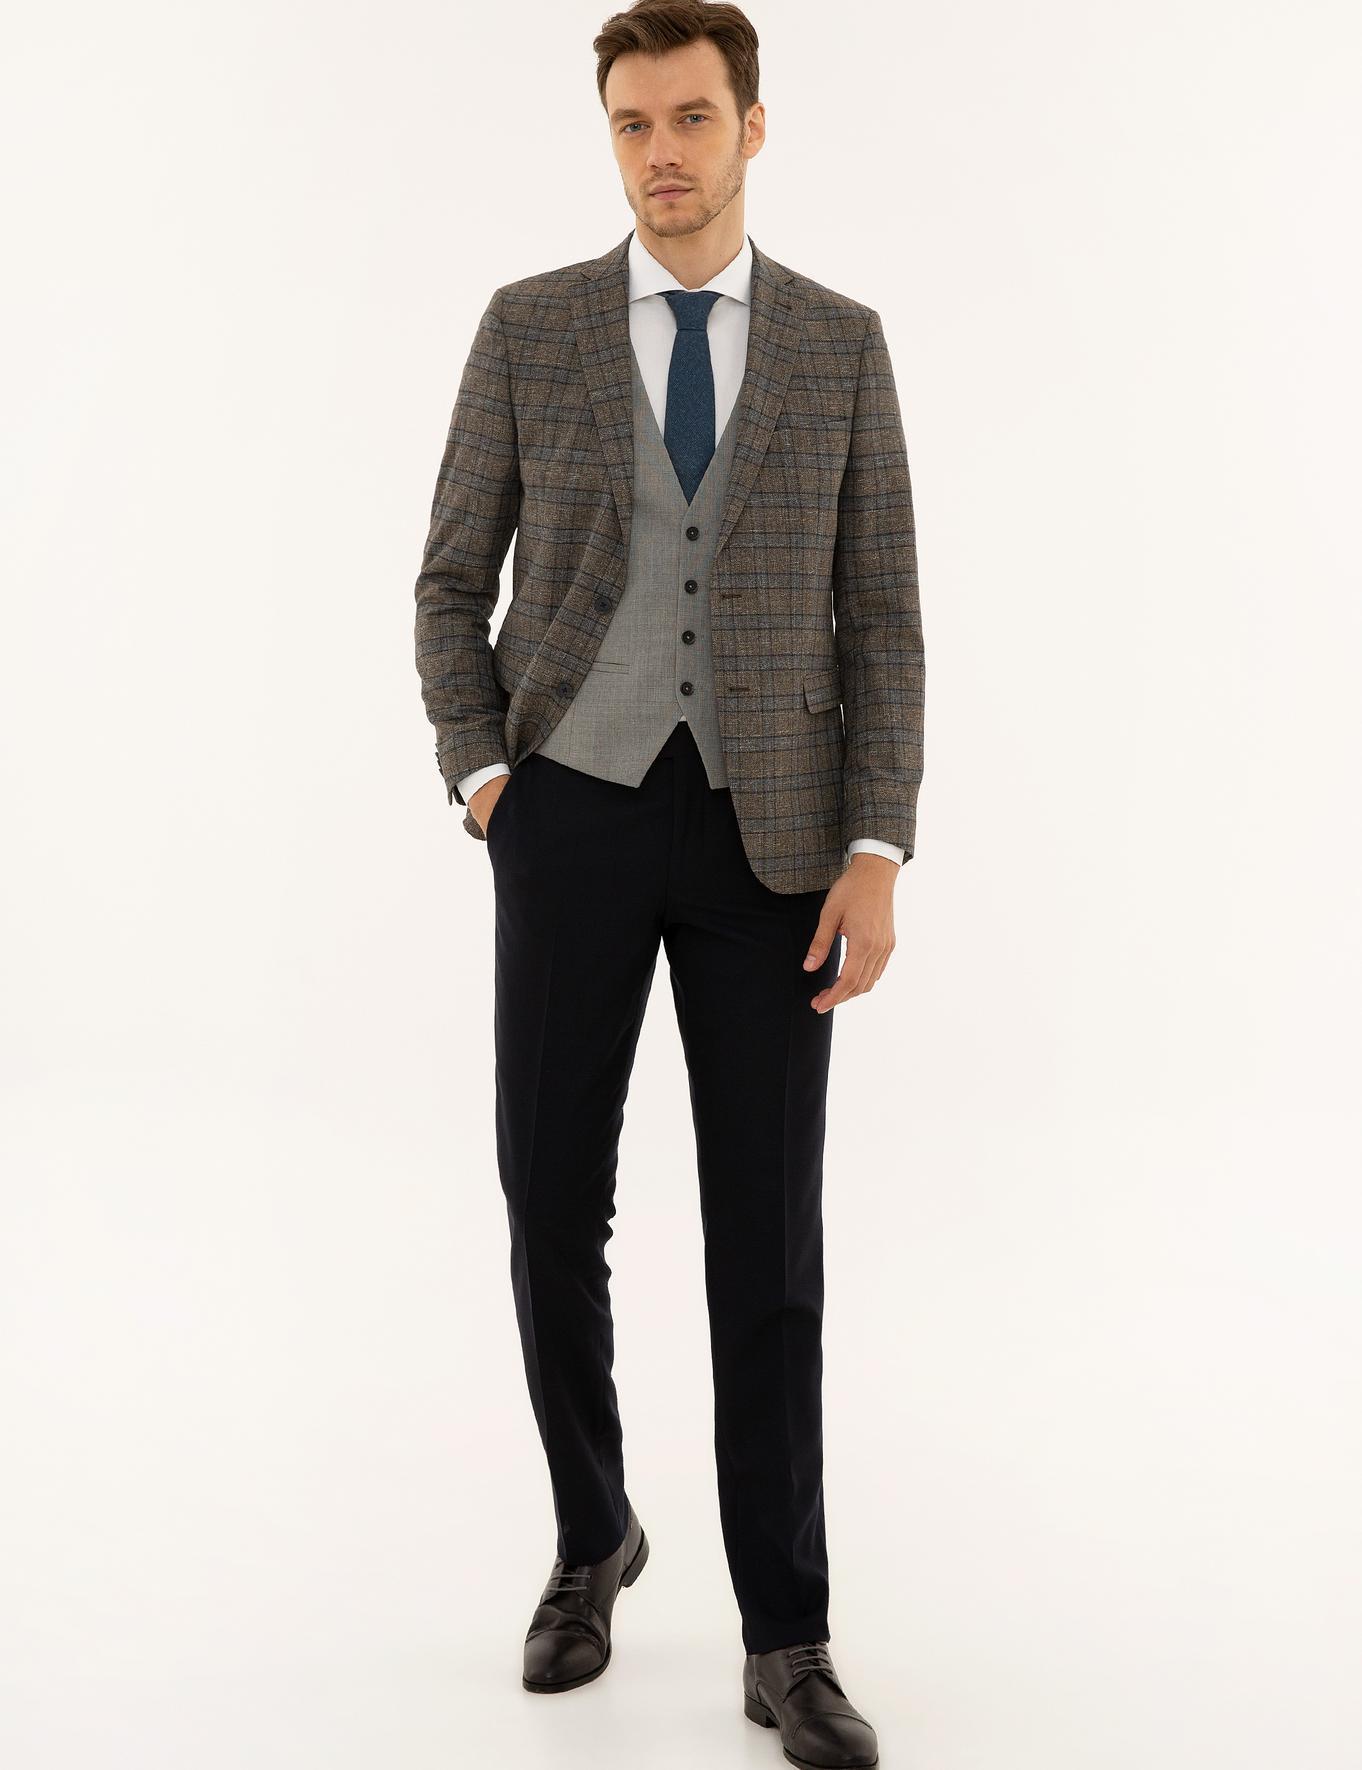 Kahverengi Slim Fit Takım Elbise - 50223972005